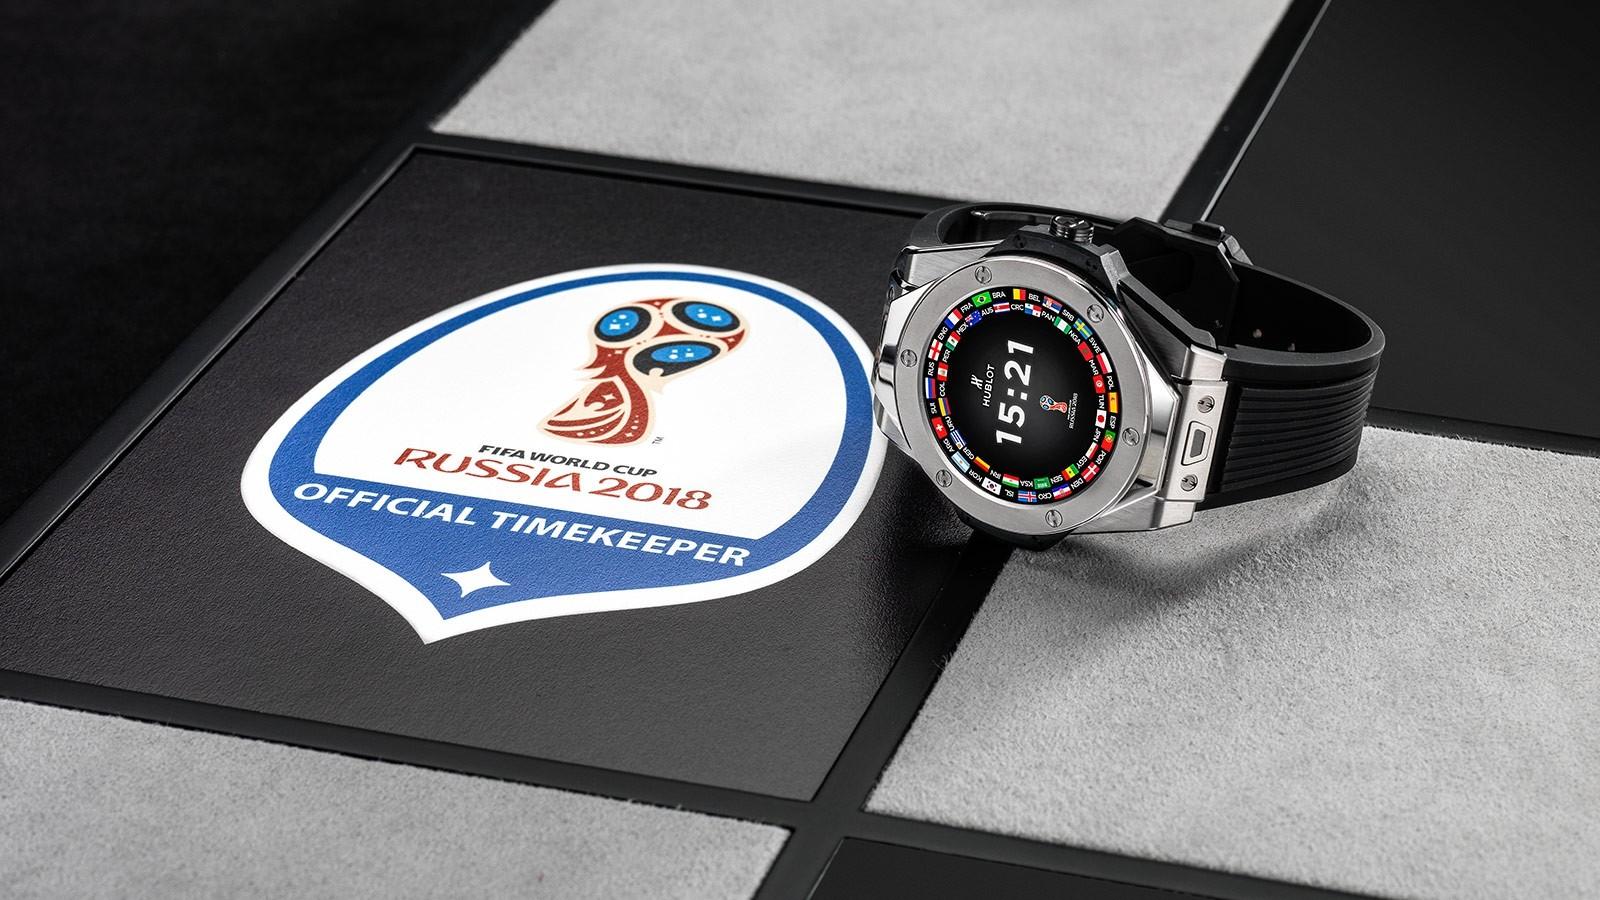 Relógio Hublot oficial da Copa do Mundo na Rússia, que será usado por ártbitros (Foto: Hublot/Divulgação)